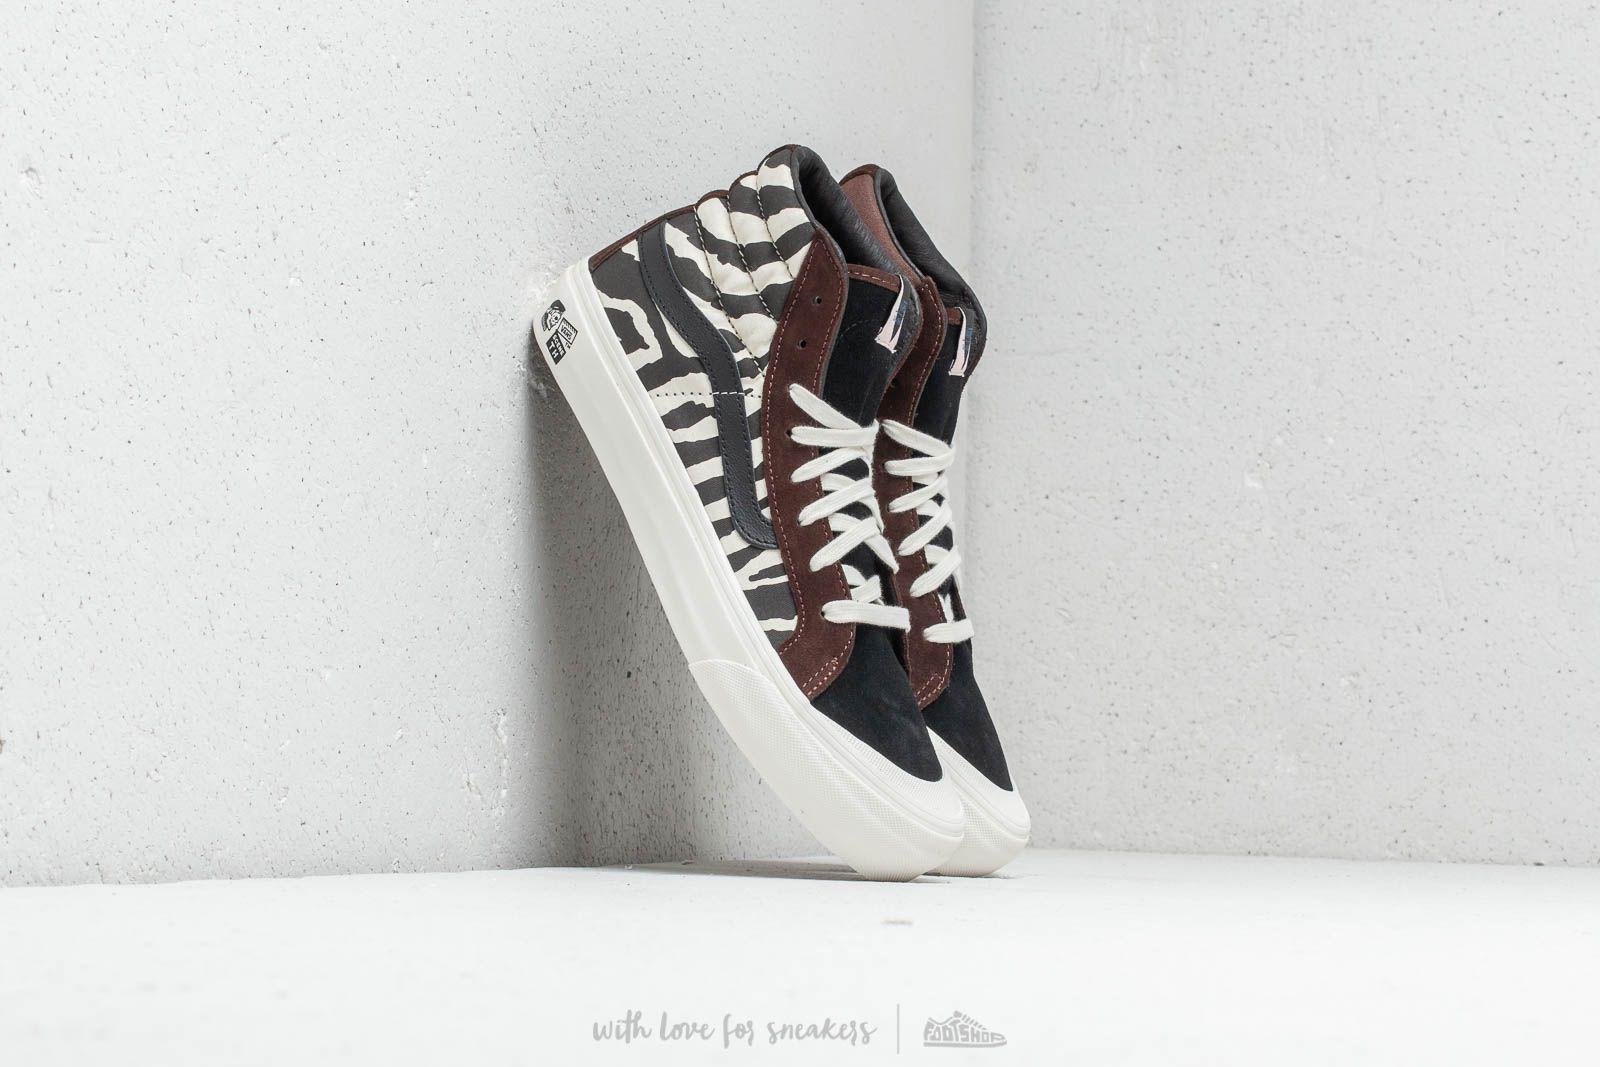 Vans x Taka Hayashi Style 138 LX Zebra za skvělou cenu 1 770 Kč koupíte na Footshop.cz